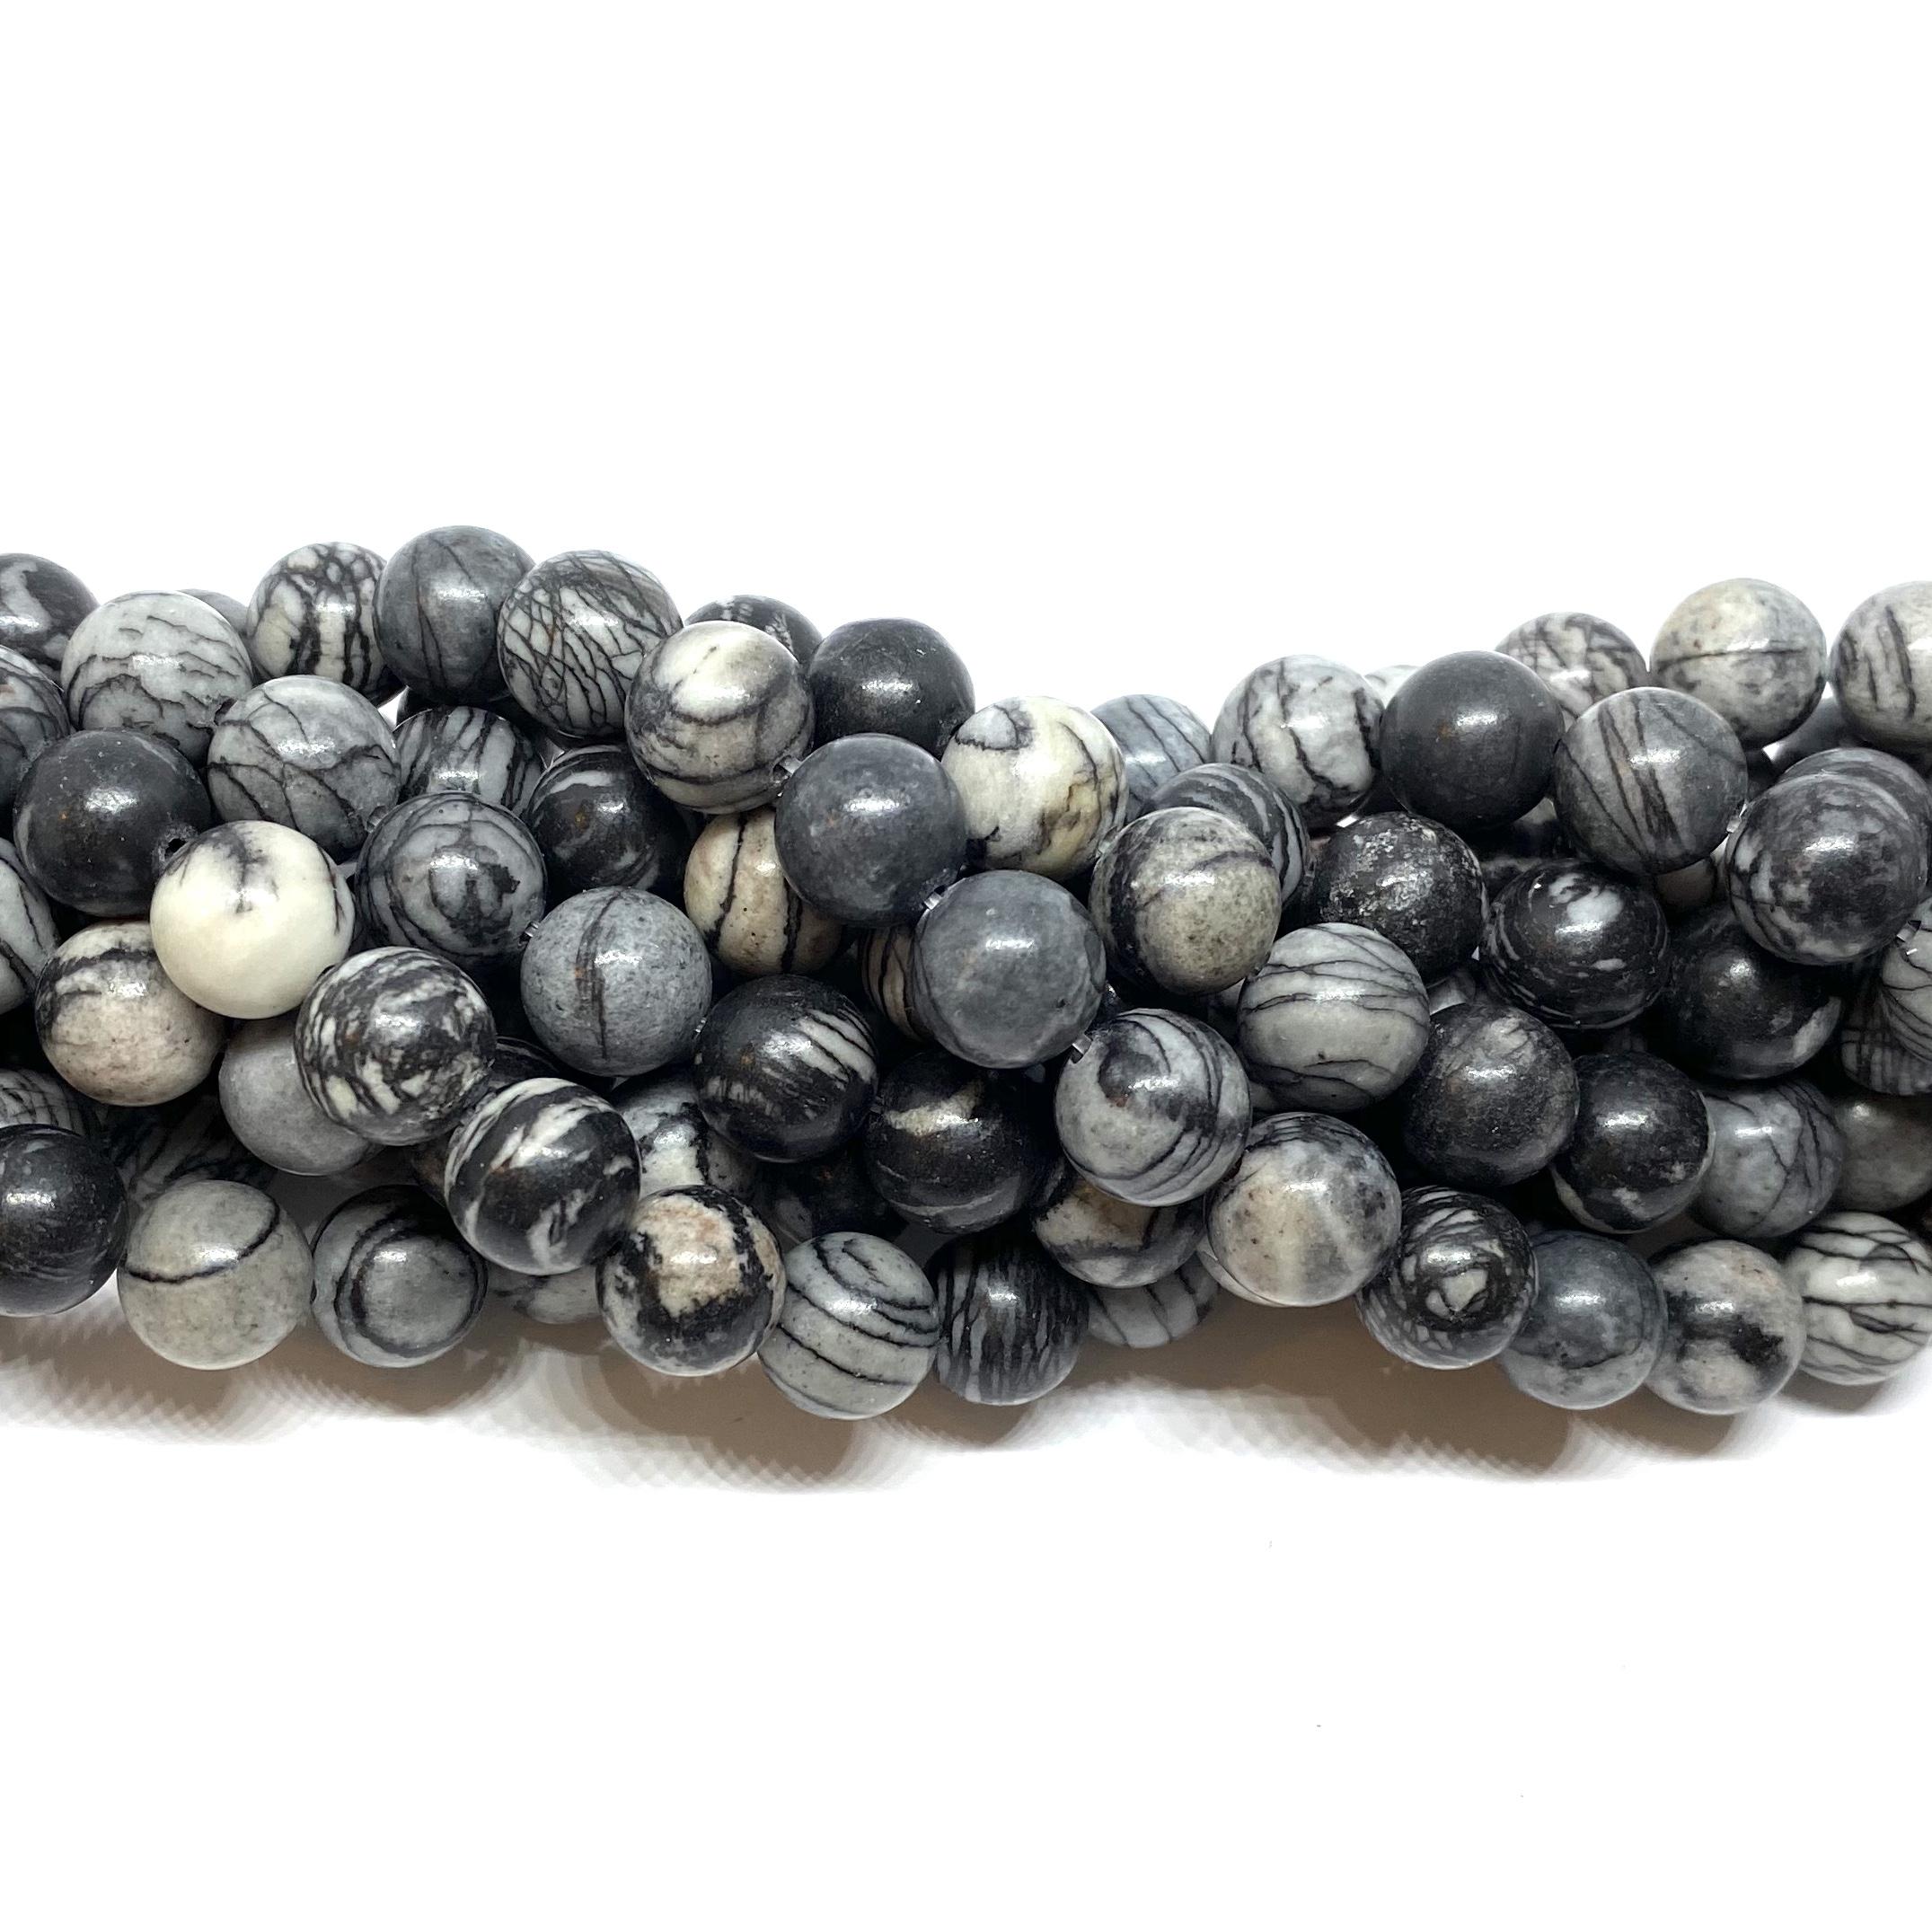 Black veined jaspis